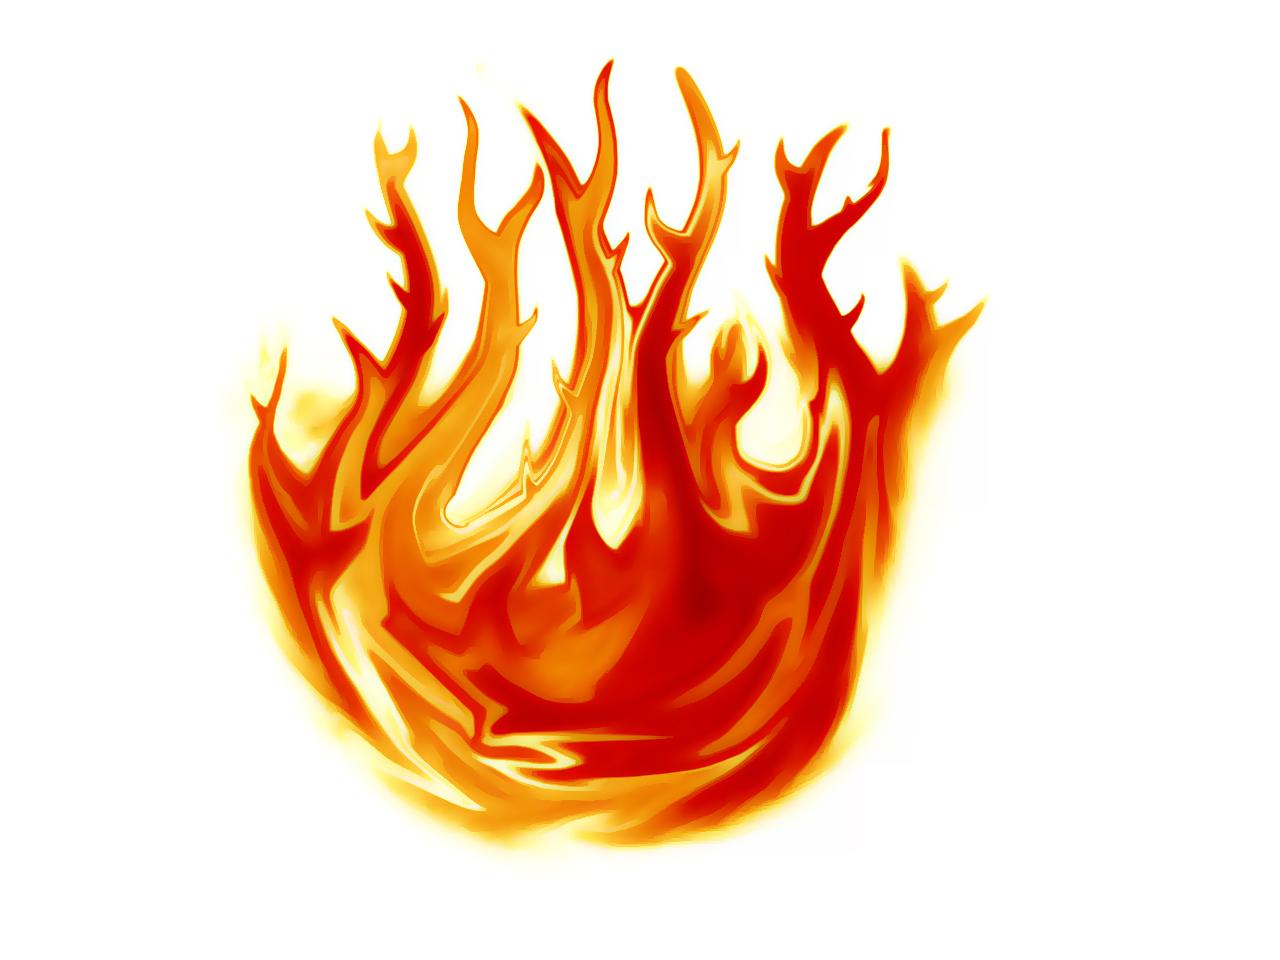 1280x960 Fire Cartoon Image Cartoon Fire Clipart 3